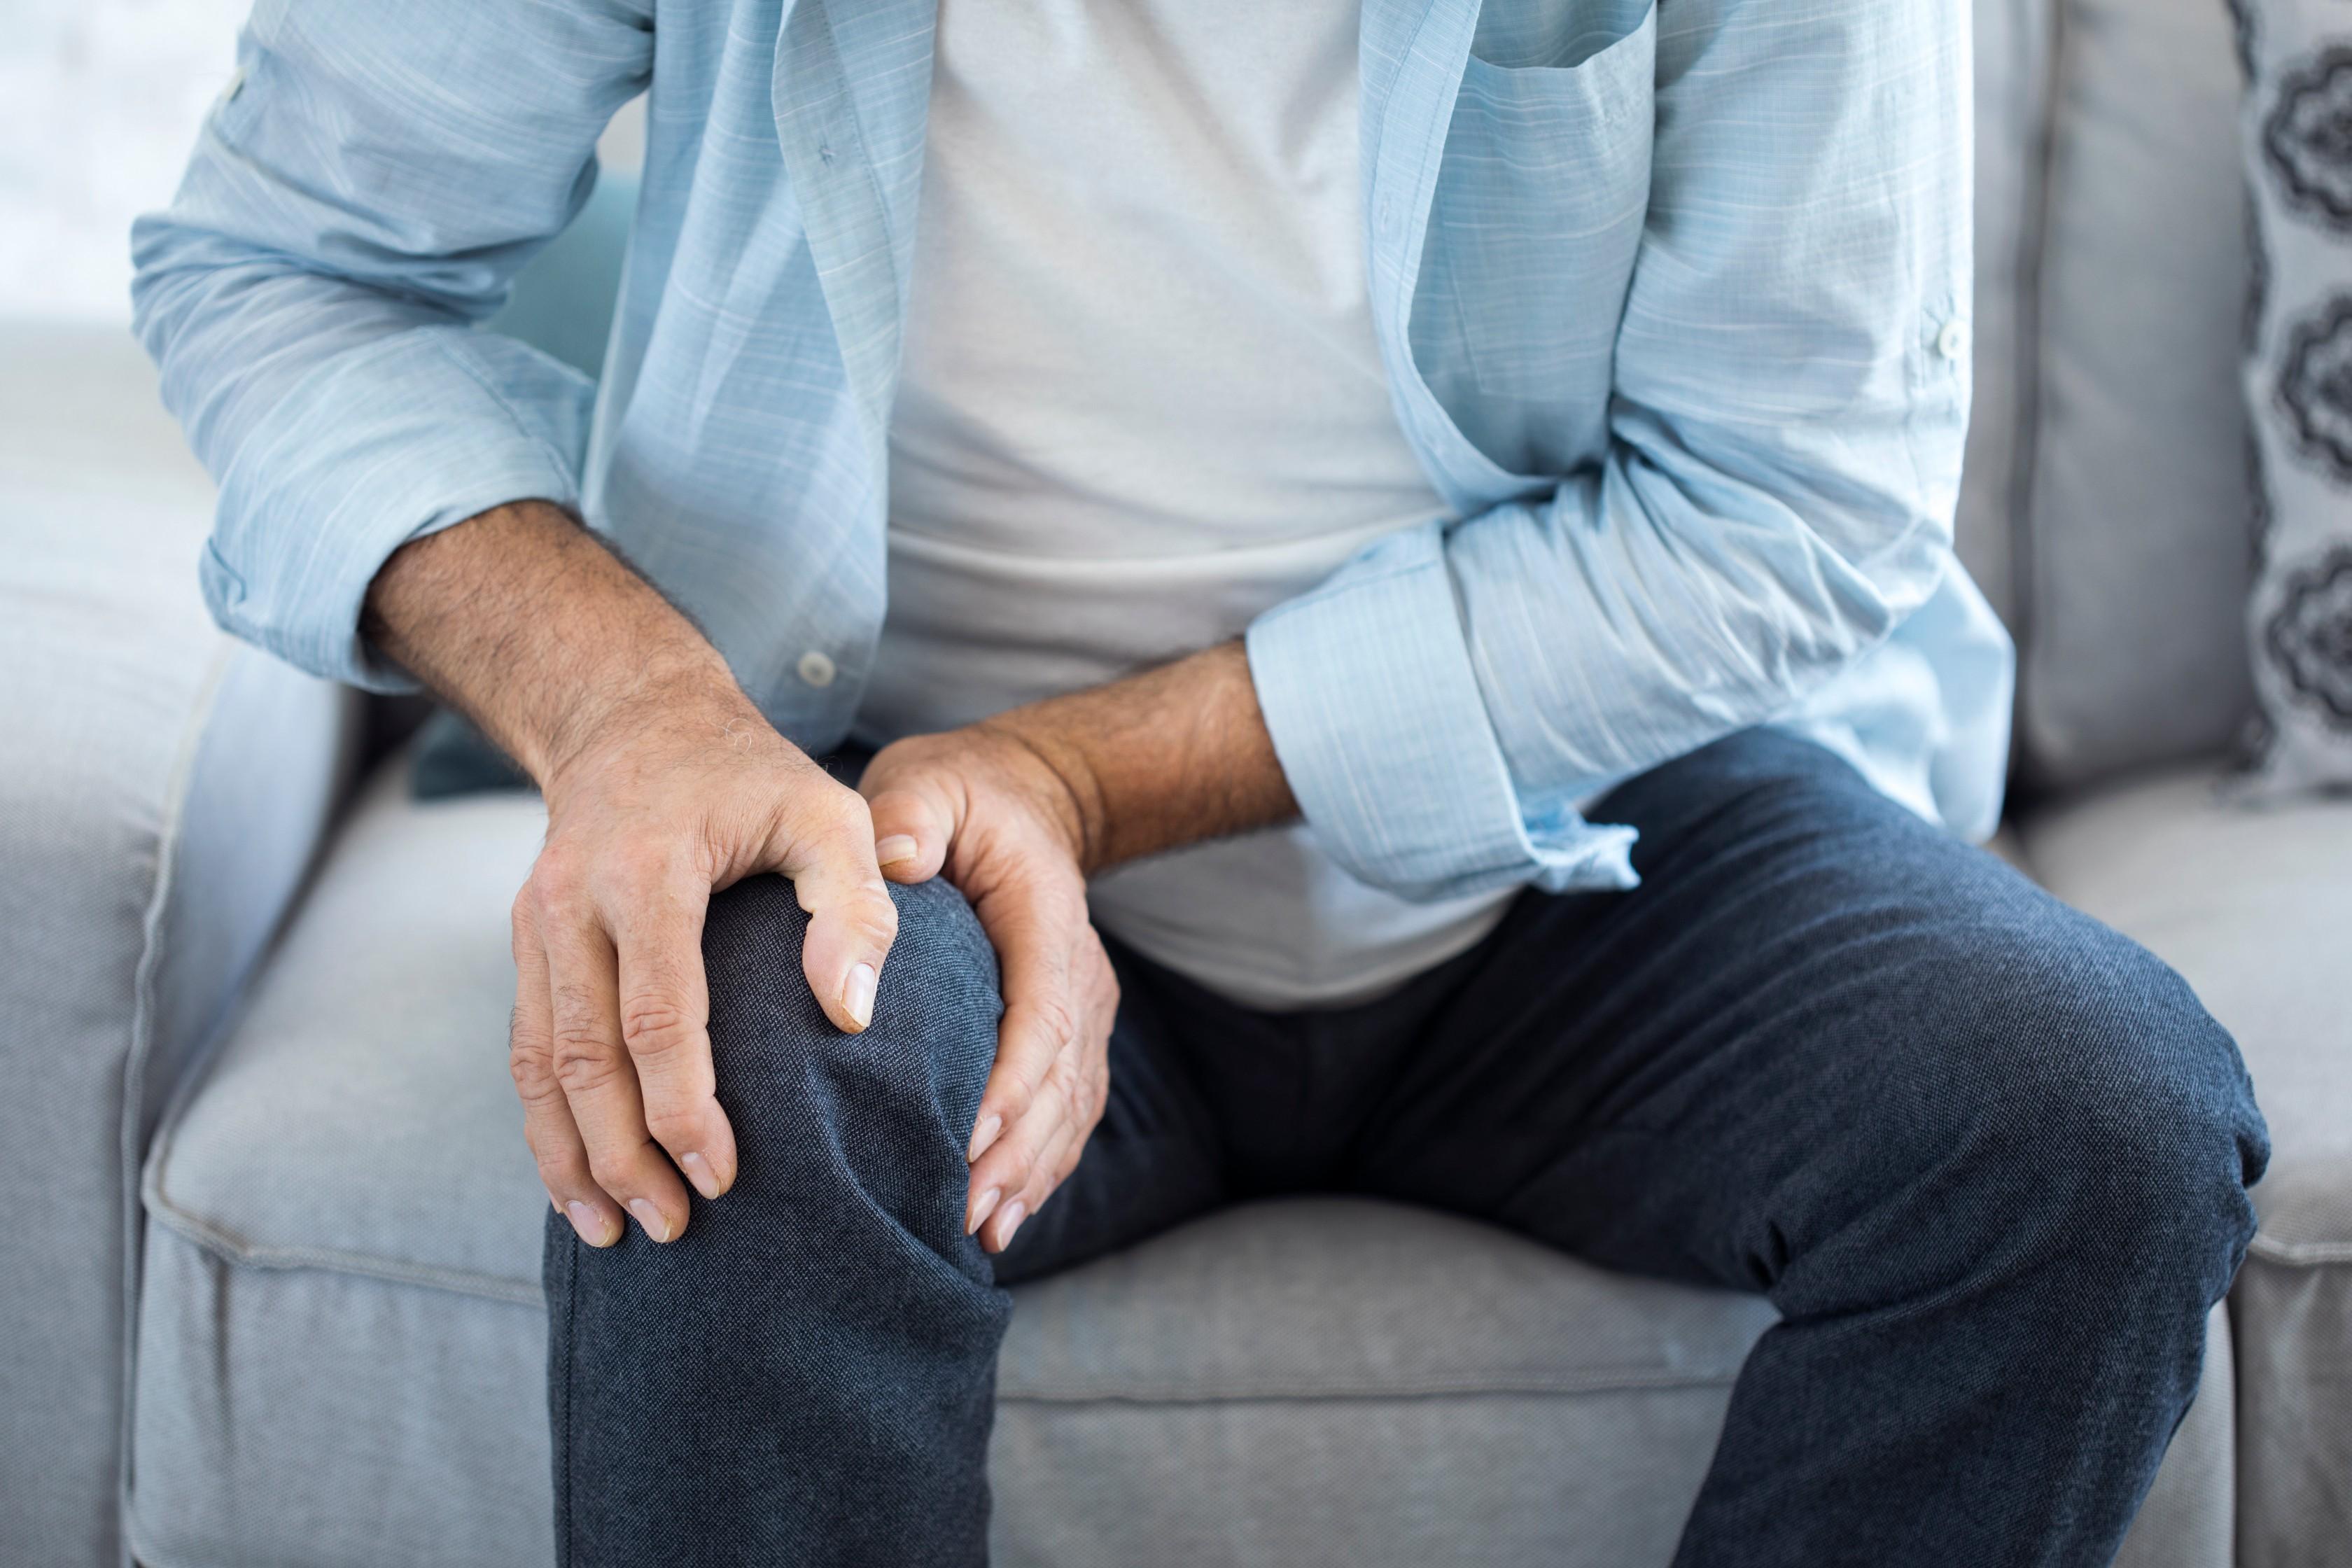 tömöríteni a térdízületek fájdalmait nem tud járni fájó csípőízület